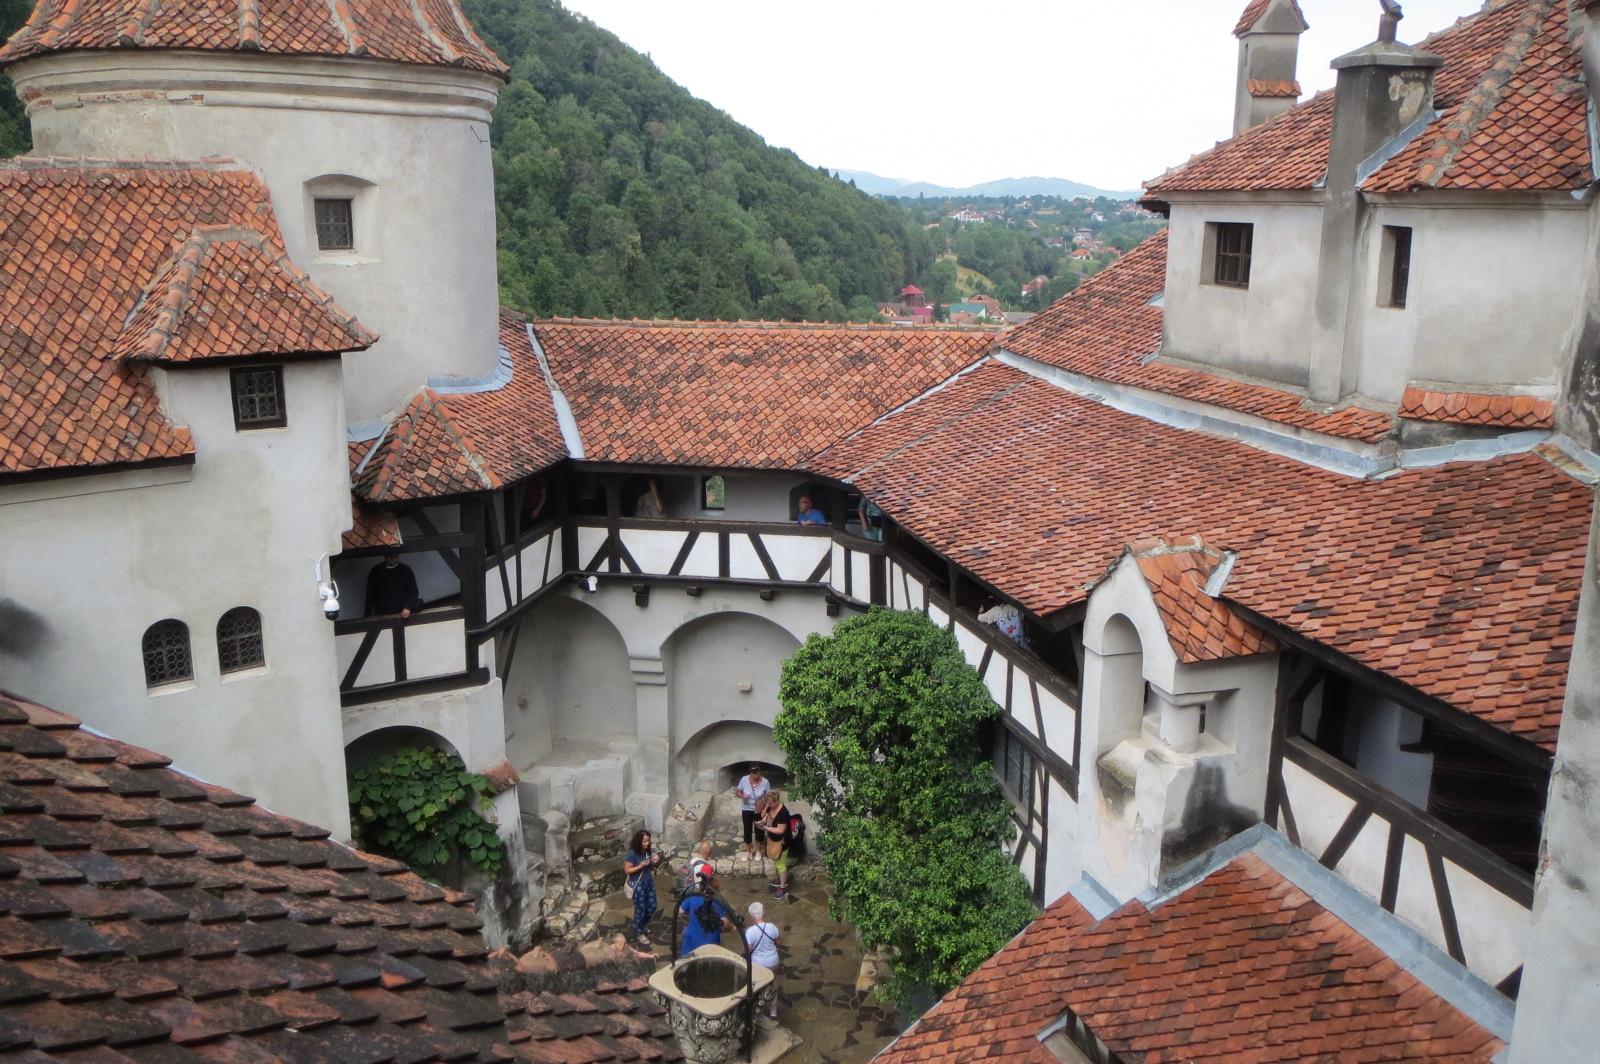 Hrad Bran, který v 15. století patřil knížeti Vladu Draculovi, patří mezi nejnavštěvovanější památky v Rumunsku.